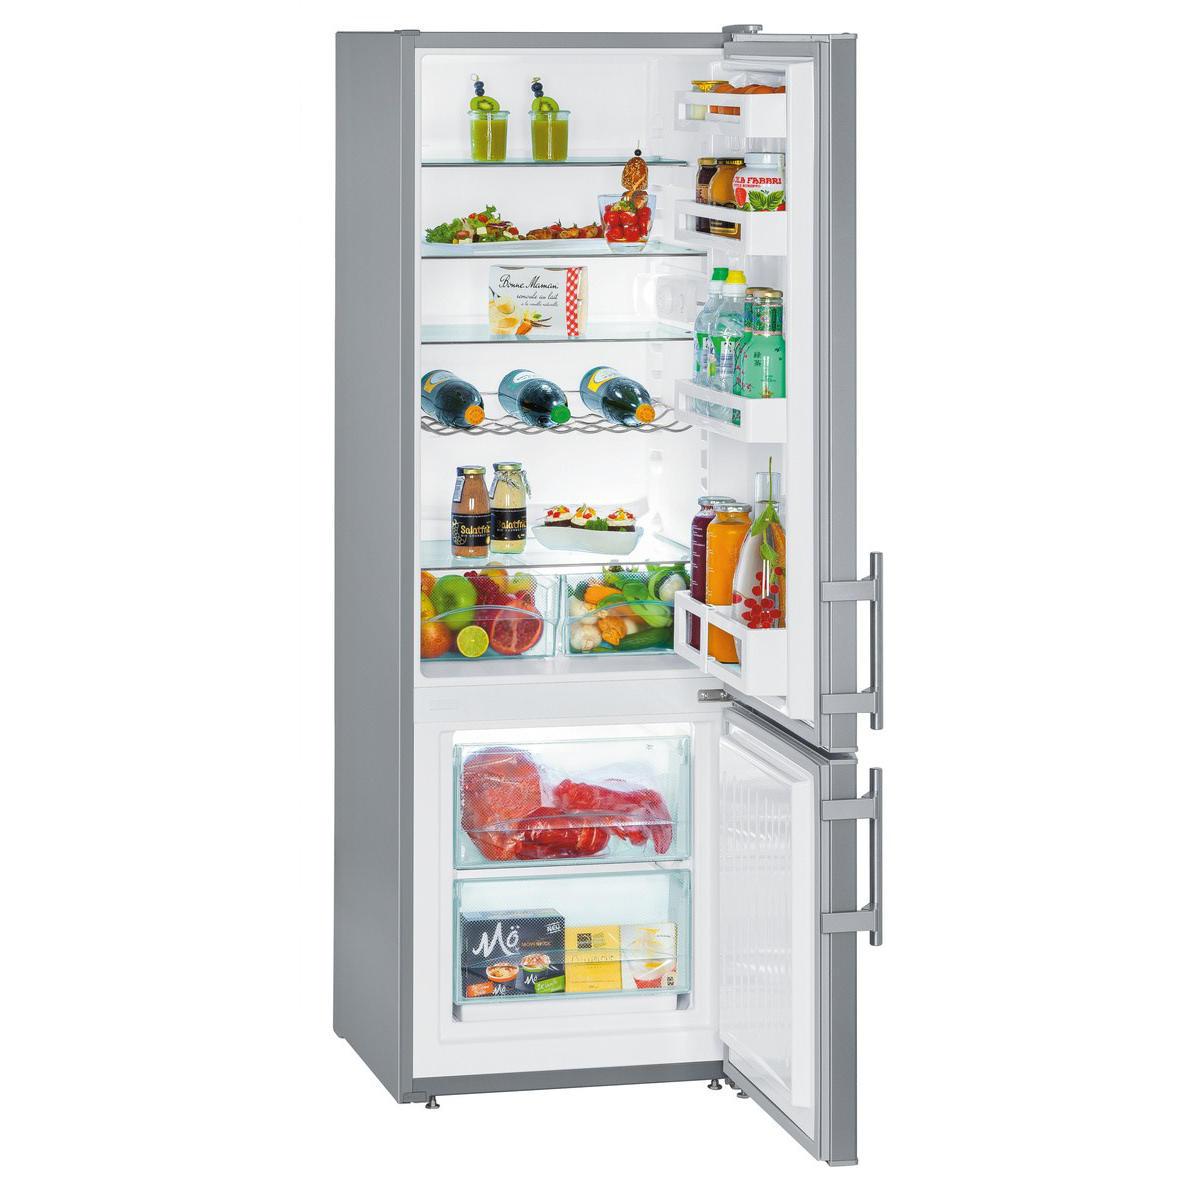 liebherr-cuef-2811-comfort-smartfrost-fridge-freezer-smartsteel